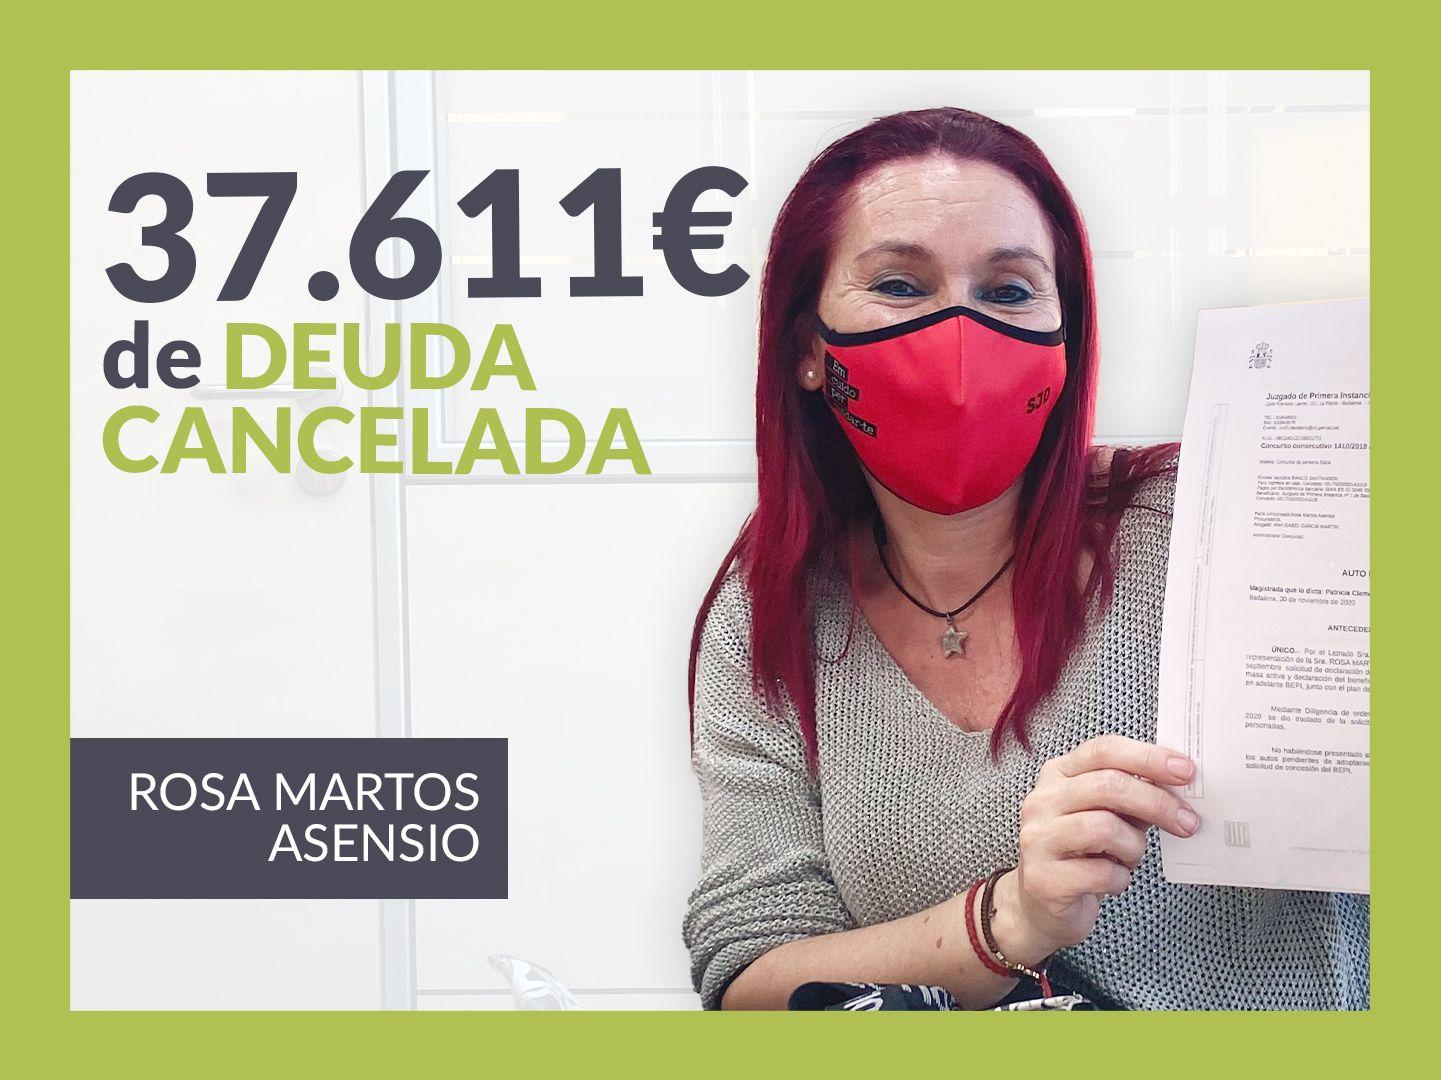 Foto de Rosa Martos, cancela sus deudas con 12 bancos gracias a